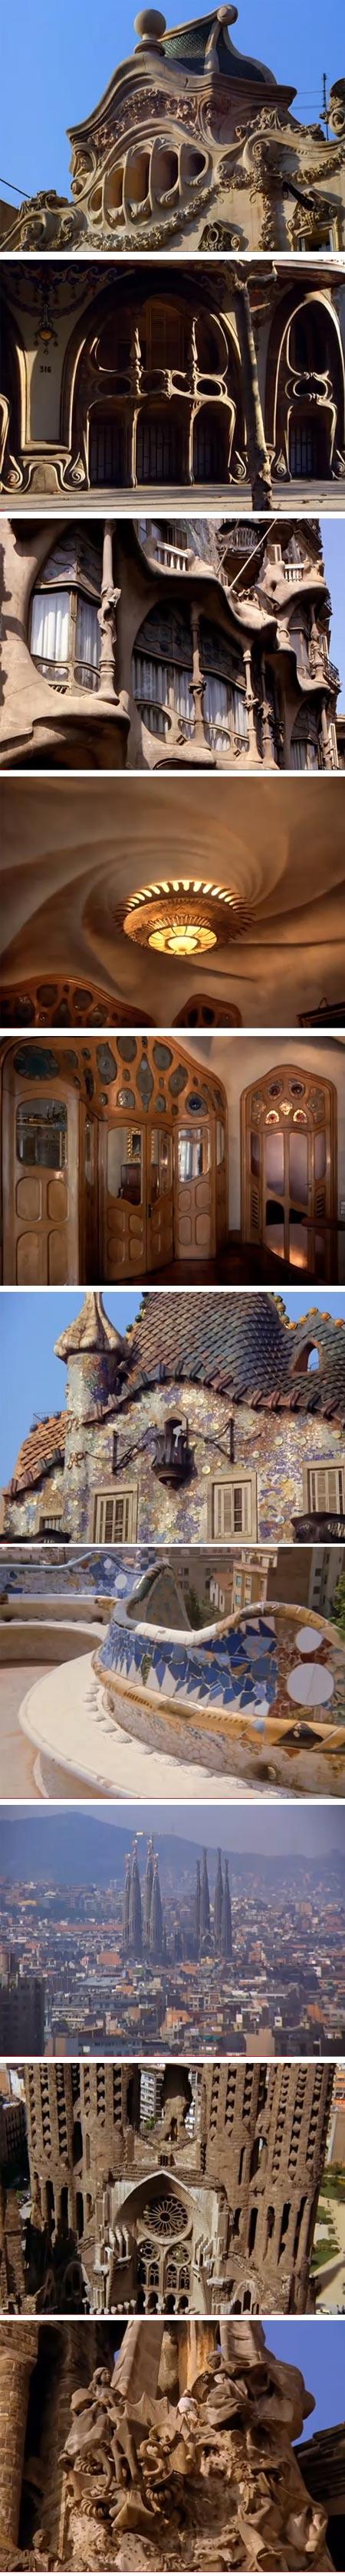 Antoino Gaudi documentary